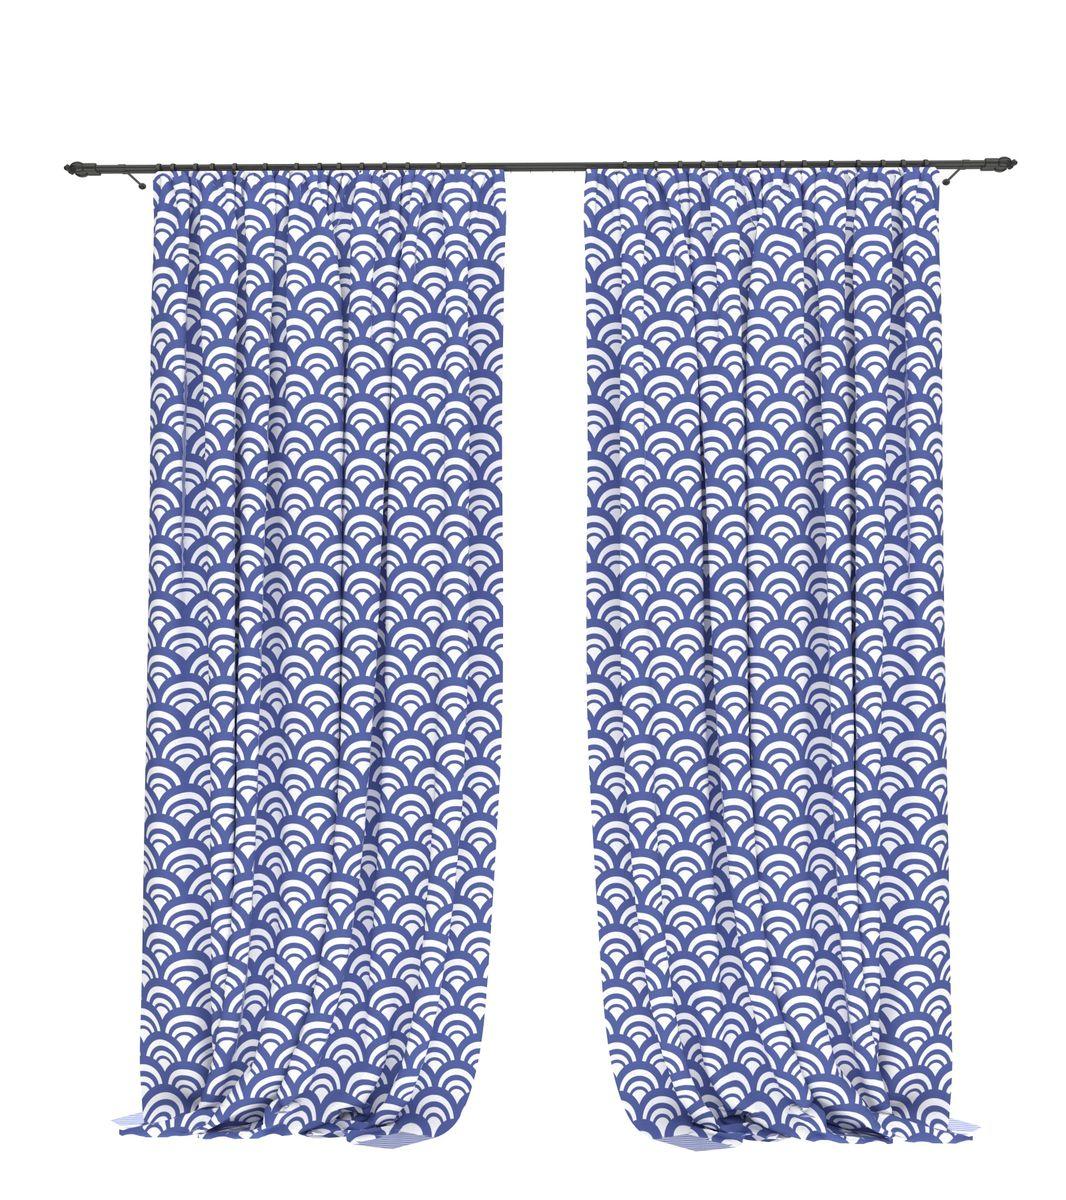 Комплект фотоштор Bellino Home Лепорио, высота 260 см. 05692-ФШ-ГБ-00103646-ФТ-ВЛ-001Комплект фотоштор BELLINO HOME. Коллекция Китай является стилевым направлением,получившим свое развитие как ветвь стиля рококо. Шинуазри- один из видов ориентализма. Этот стиль начал набирать популярность в начале ХХ века, когда возник спрос на ар-деко. Стиль шинуазри органично впишется в любой интерьер, так как он представляет собой не оригинальный китайский стиль, а скоре европейское представление о Китае. Тема вариации, свобода от условностей, Ваш экспромт от BELLINO HOME. Крепление на карниз при помощи шторной ленты на крючки.В комплекте: Портьера: 2 шт. Размер (ШхВ): 145 см х 260 см. Рекомендации по уходу: стирка при 30 градусах гладить при температуре до 150 градусов Изображение на мониторе может немного отличаться от реального.